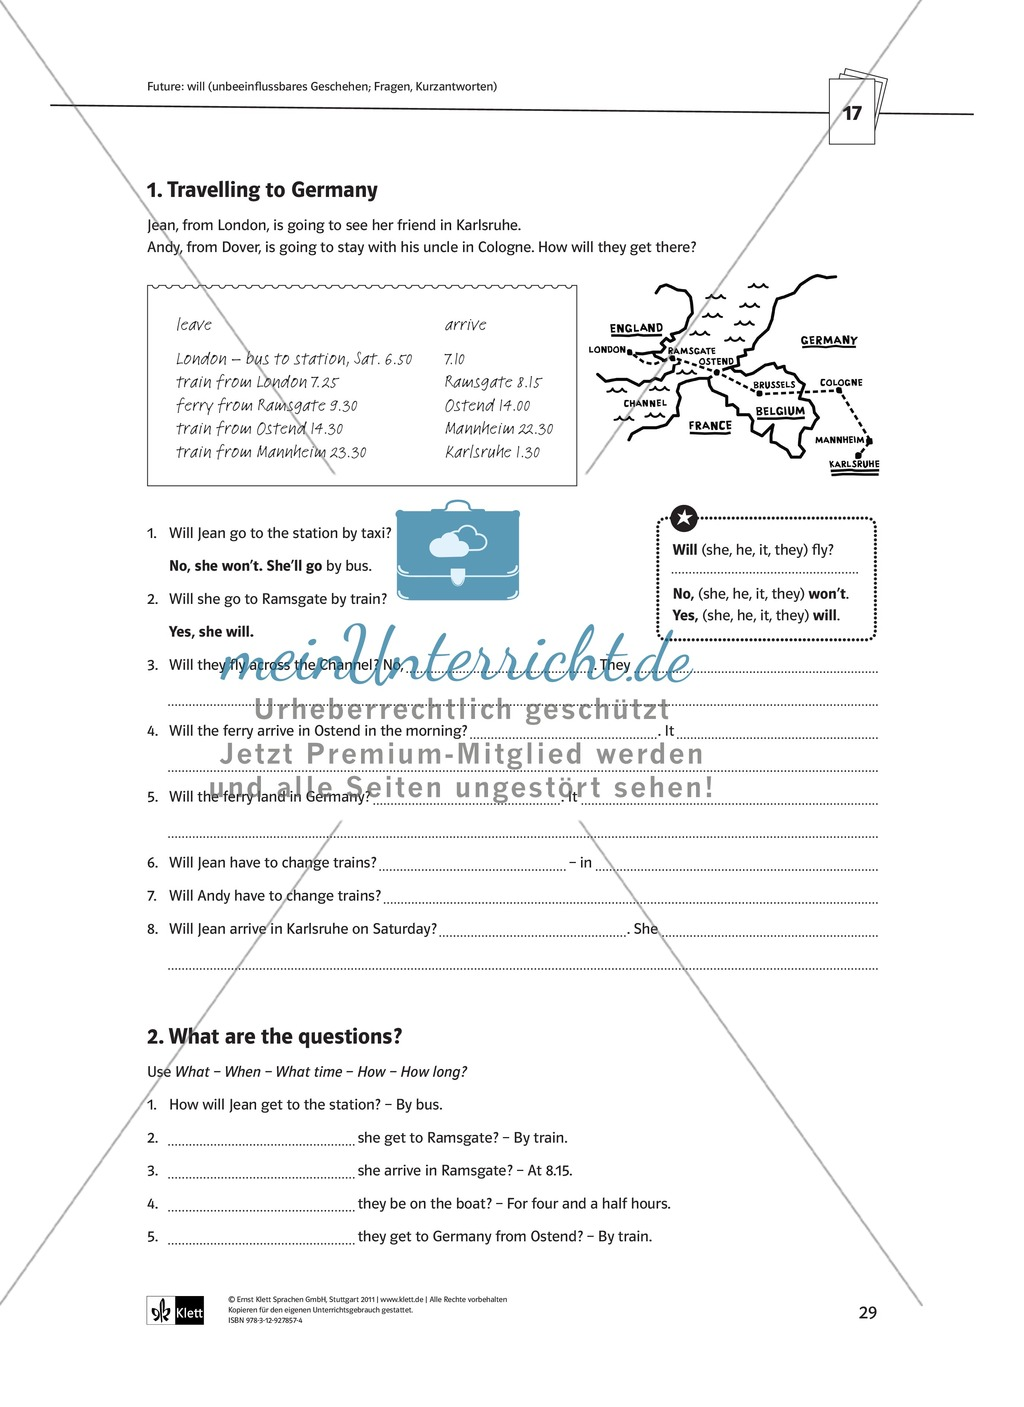 Arbeitsblätter für einen kommunikativen Grammatikunterricht: Future Preview 5